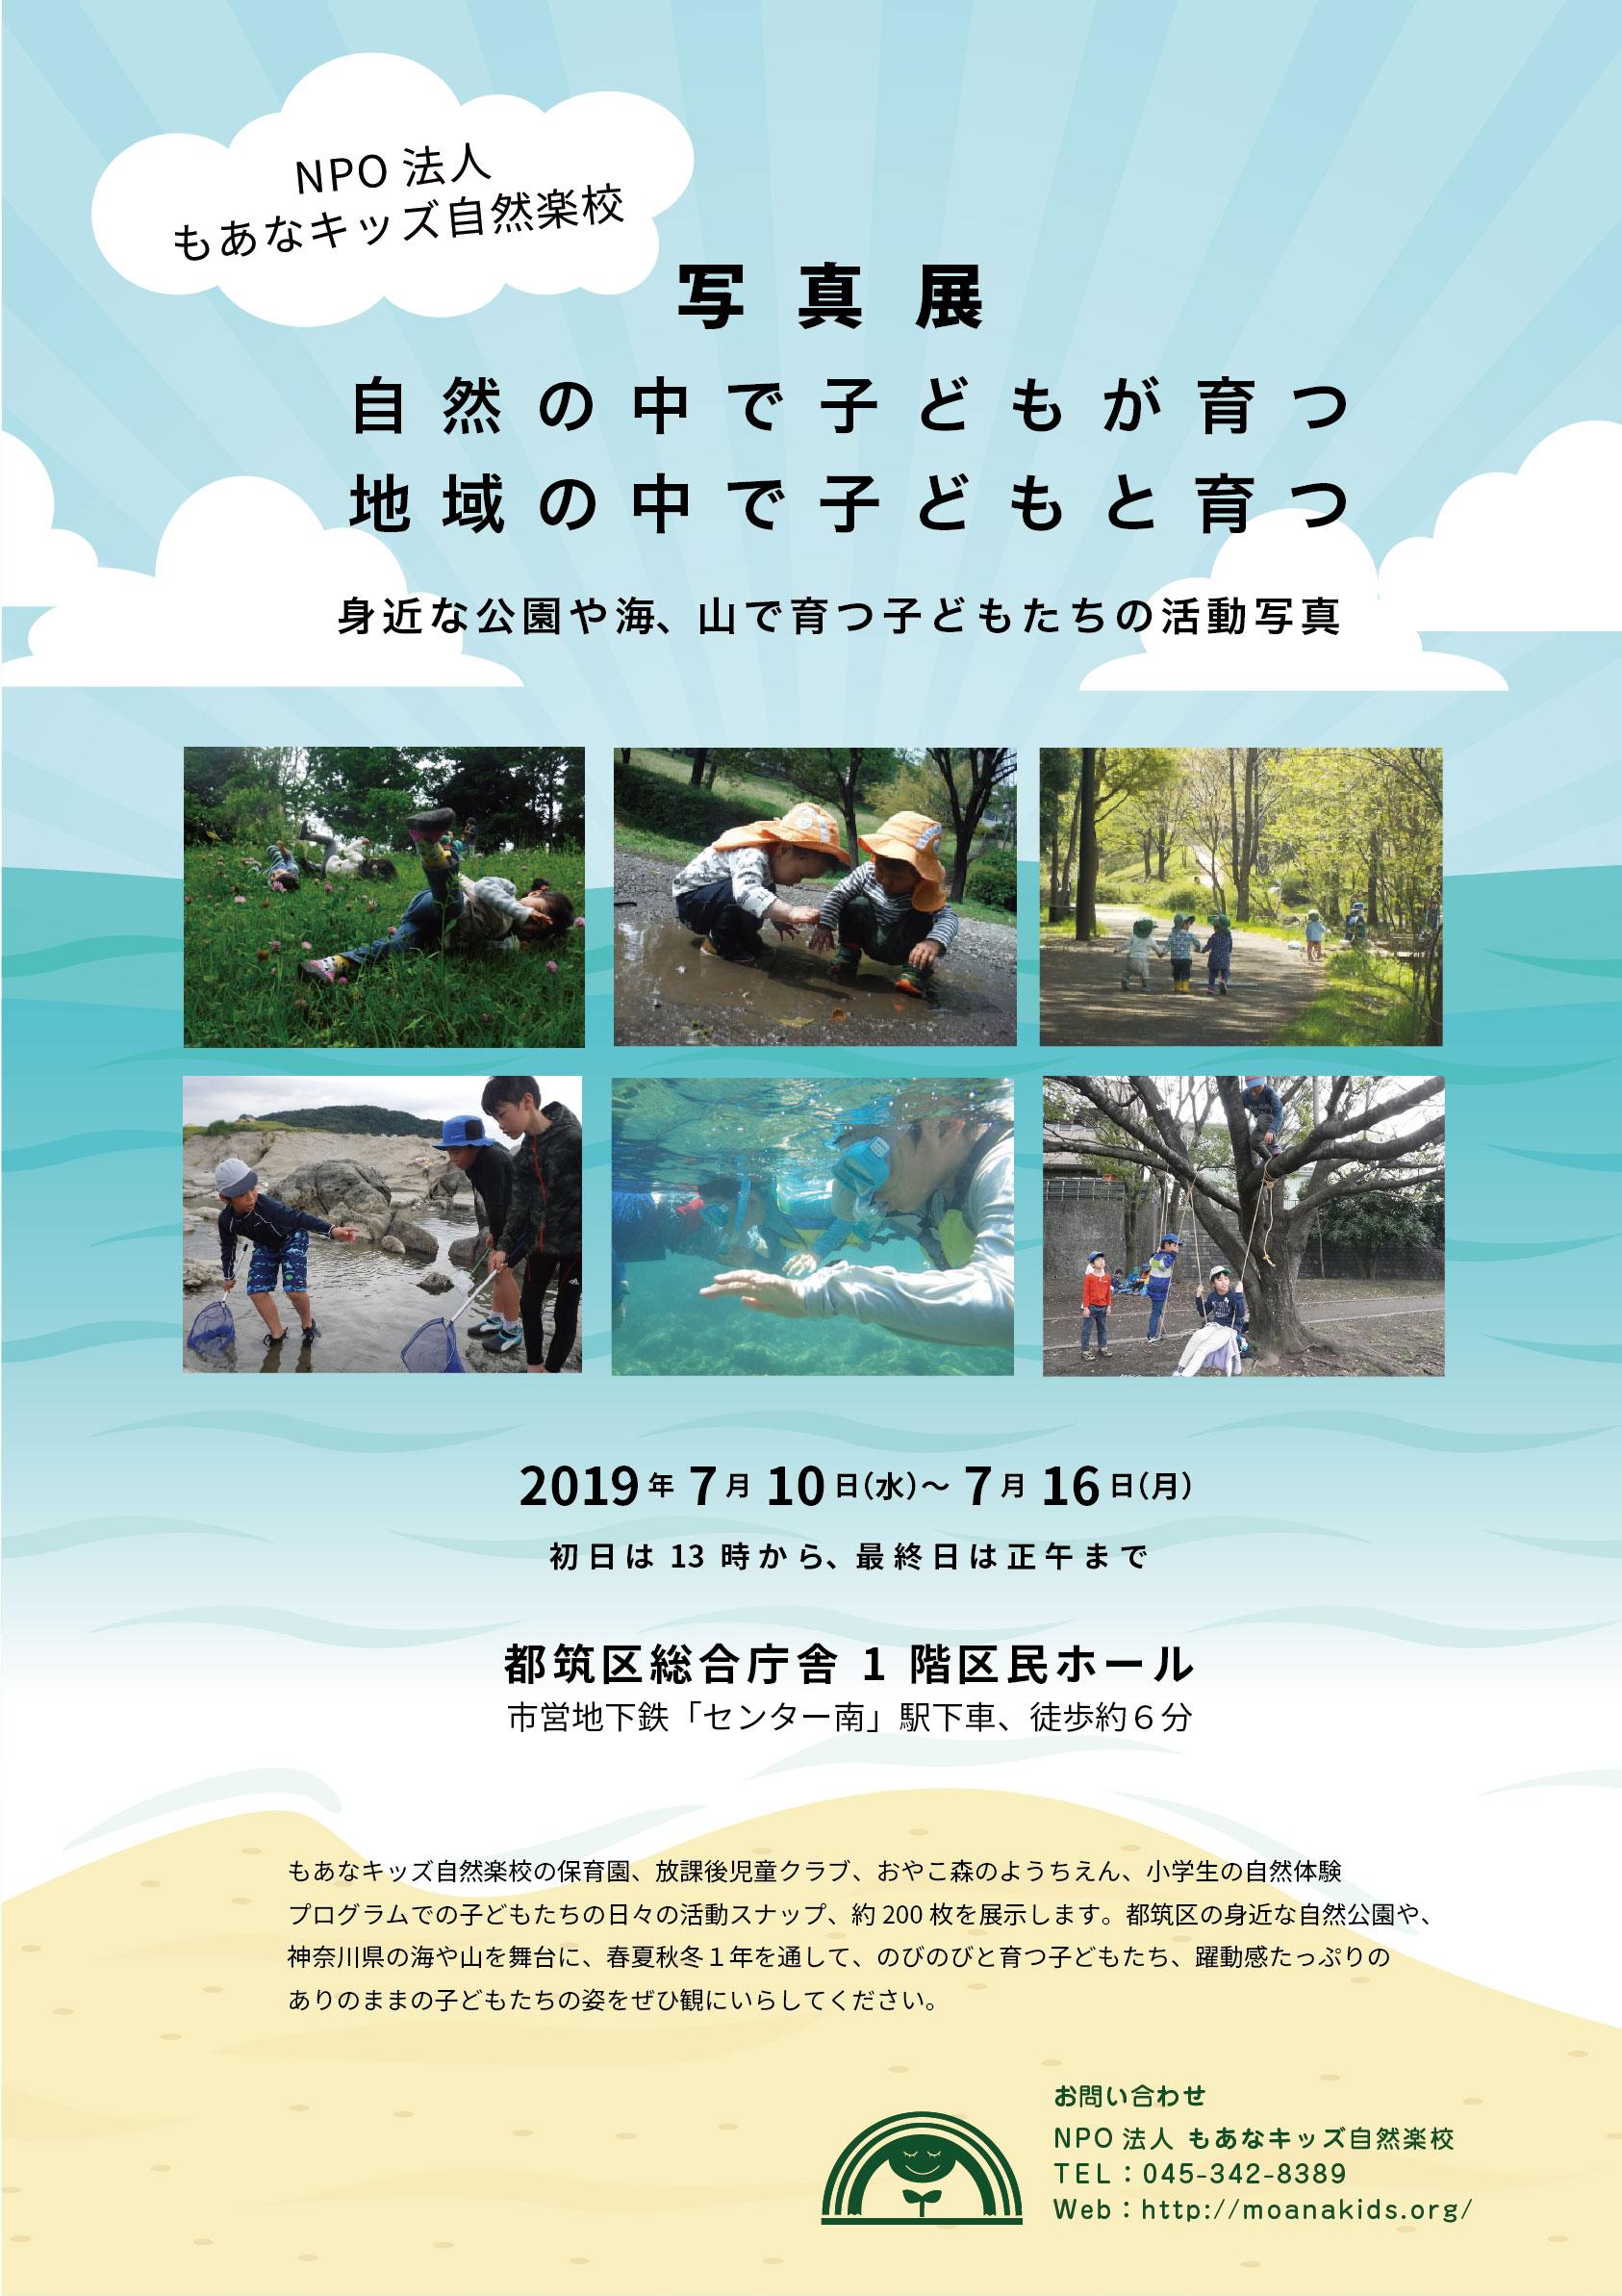 7/10(水)~7/16(月) もあなキッズ自然楽校 活動写真展を開催します